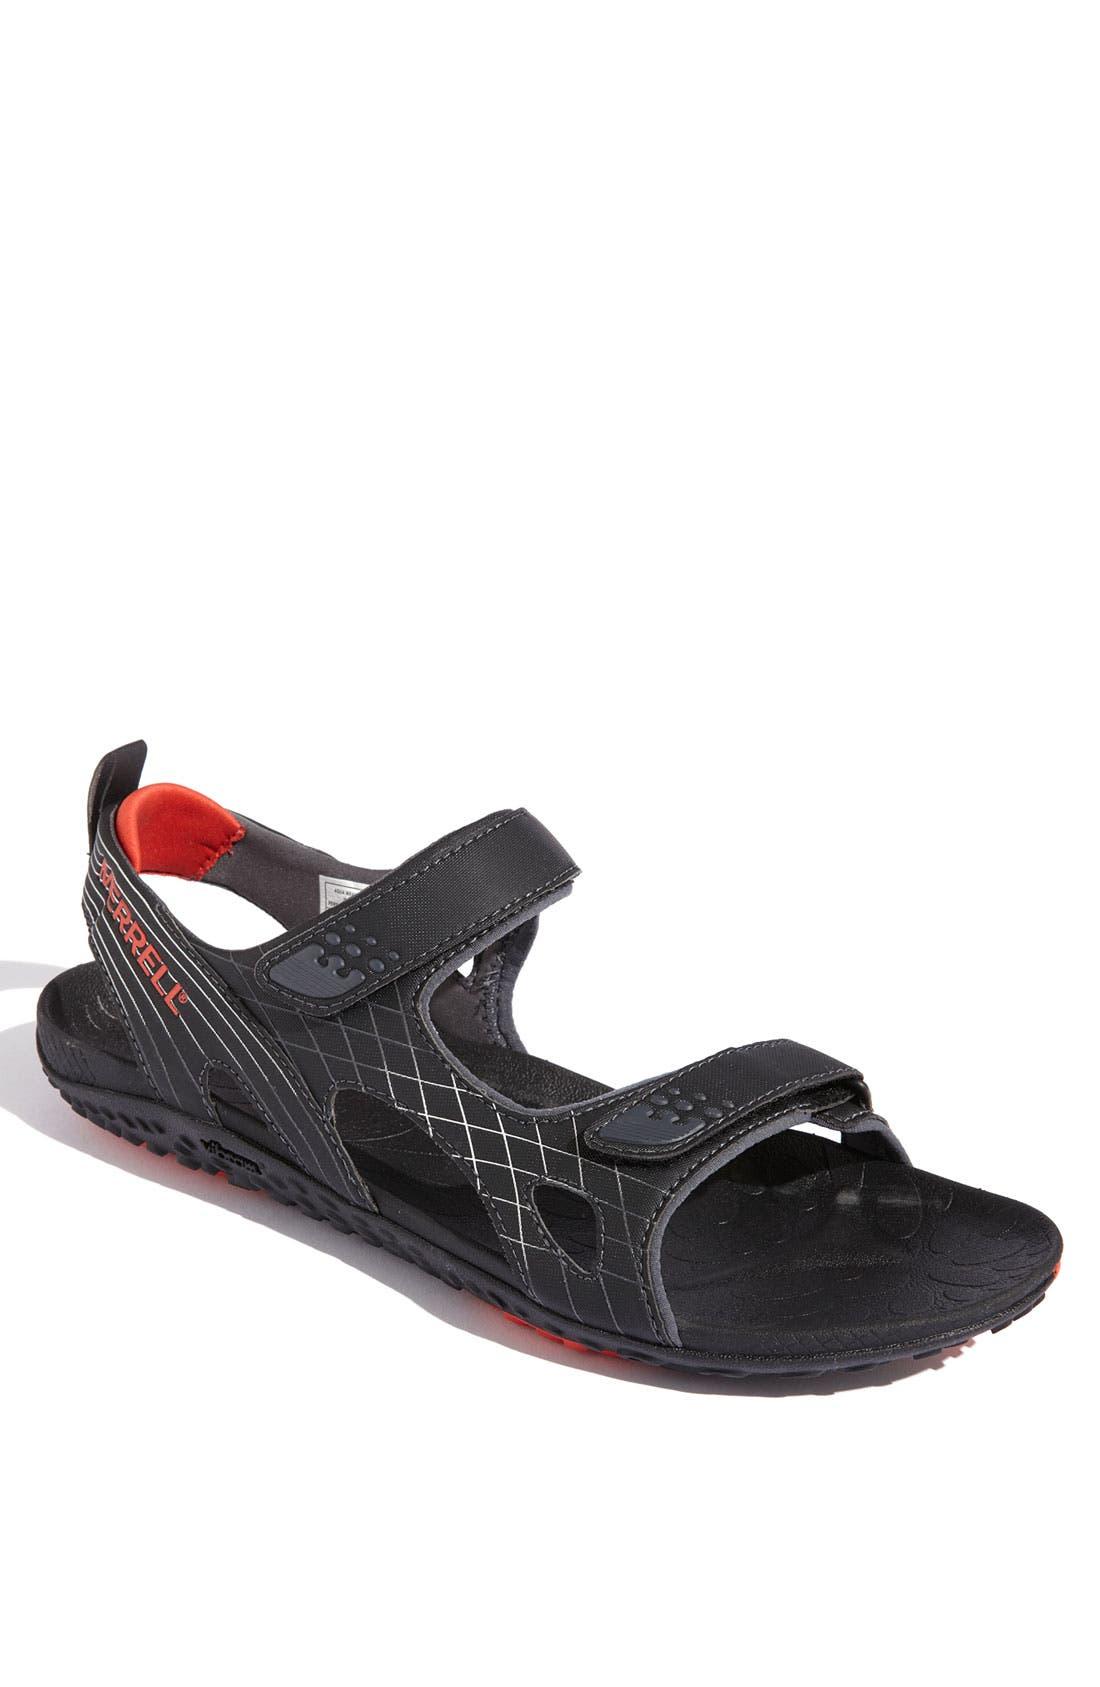 Alternate Image 1 Selected - Merrell 'Aqua Wrap' Water Sandal